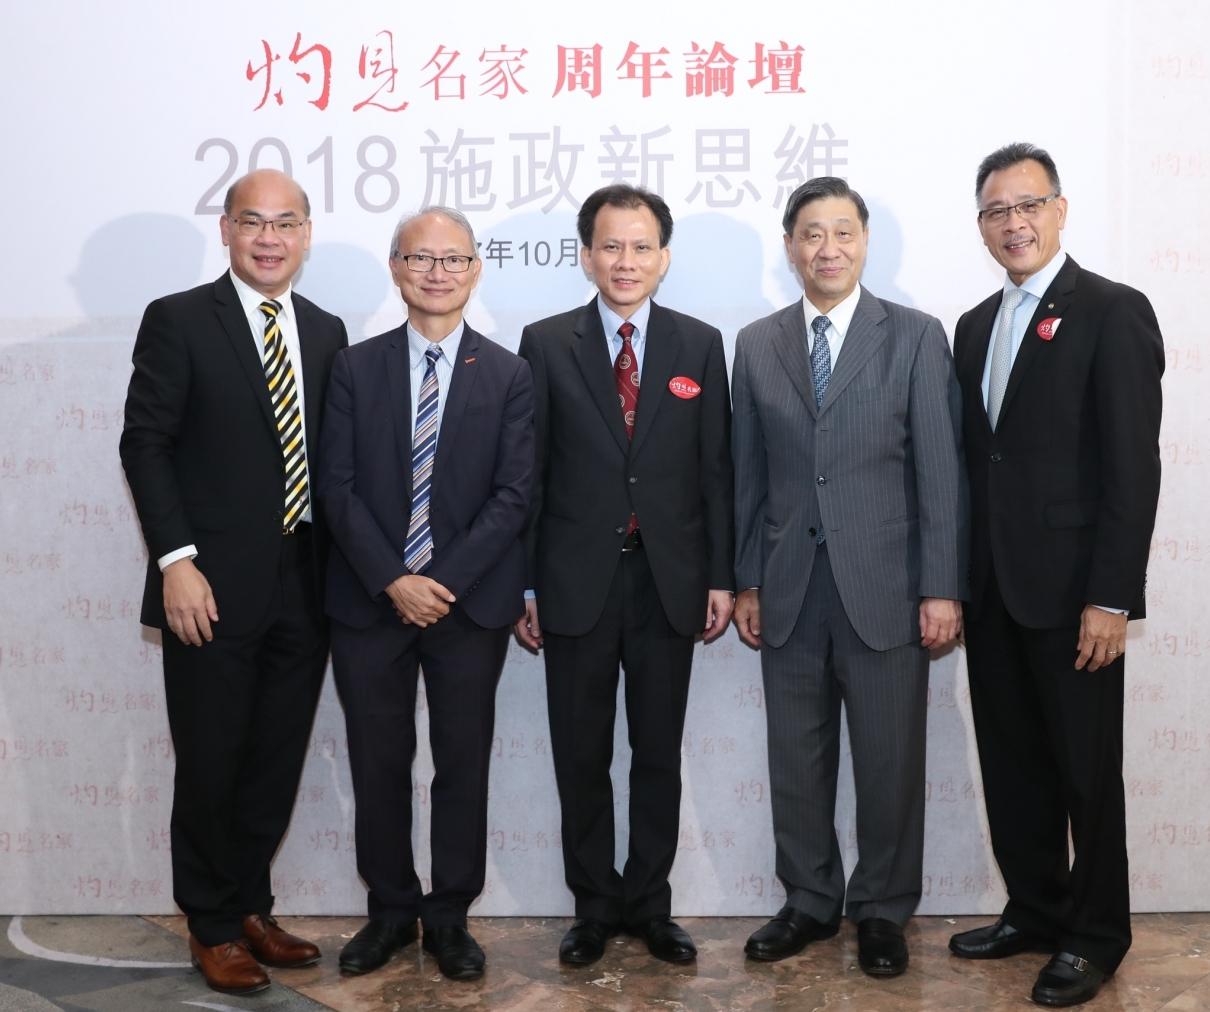 與成謙集團主席張華強先生(左一)、廣播處前副處長戴健文先生(左二)等合影。